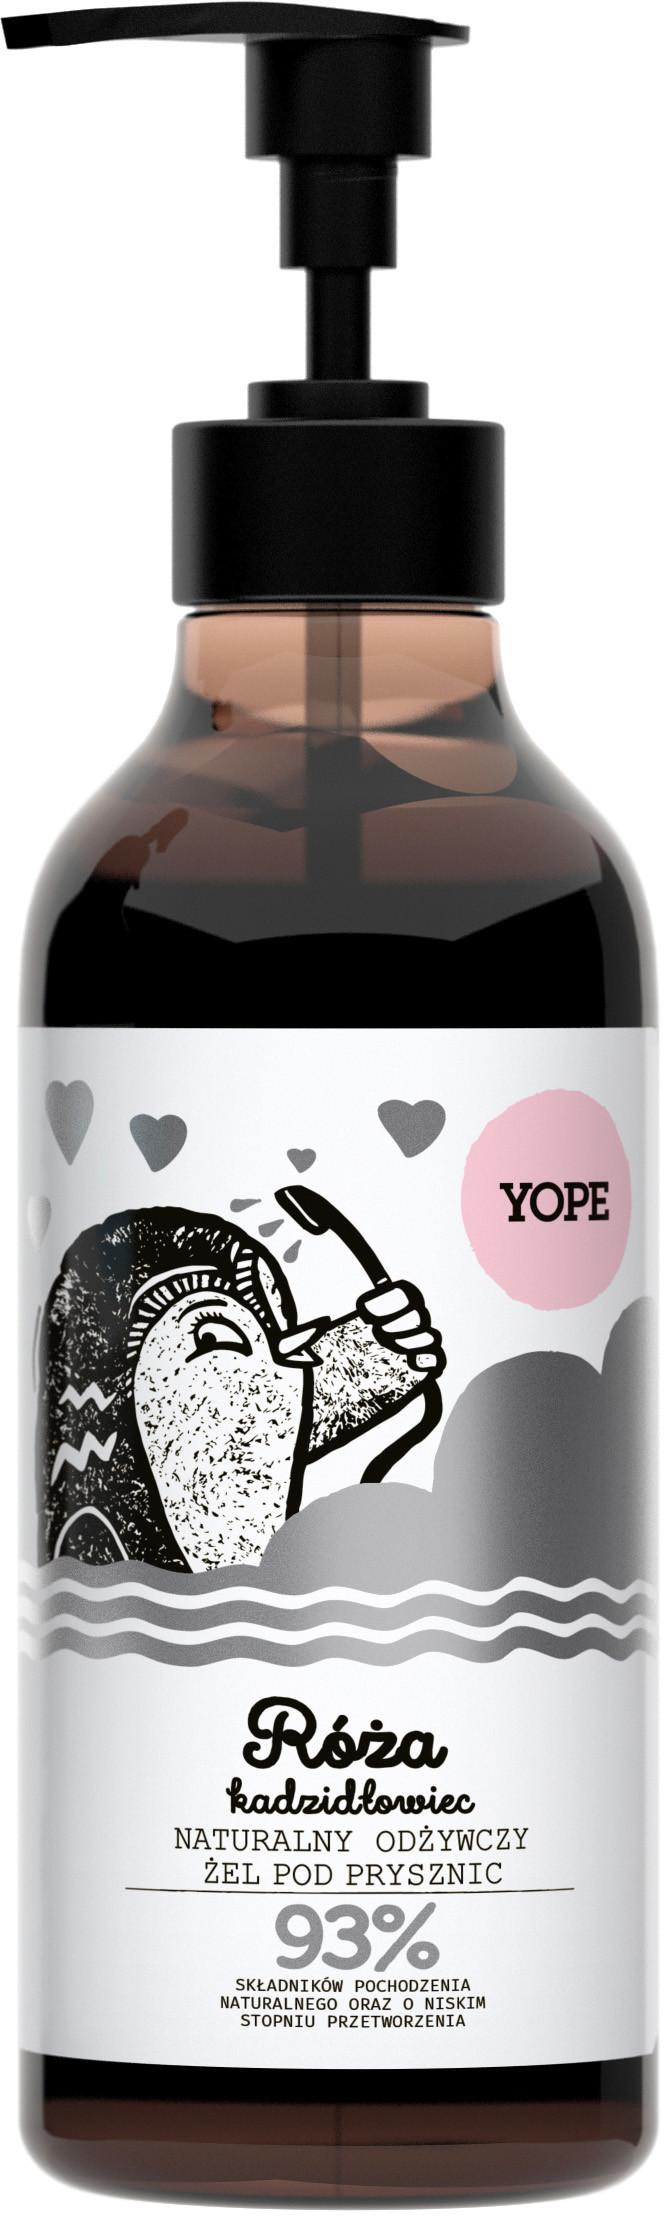 YOPE Odżywczy żel pod prysznic Róża i kadzidłowiec 400 ml